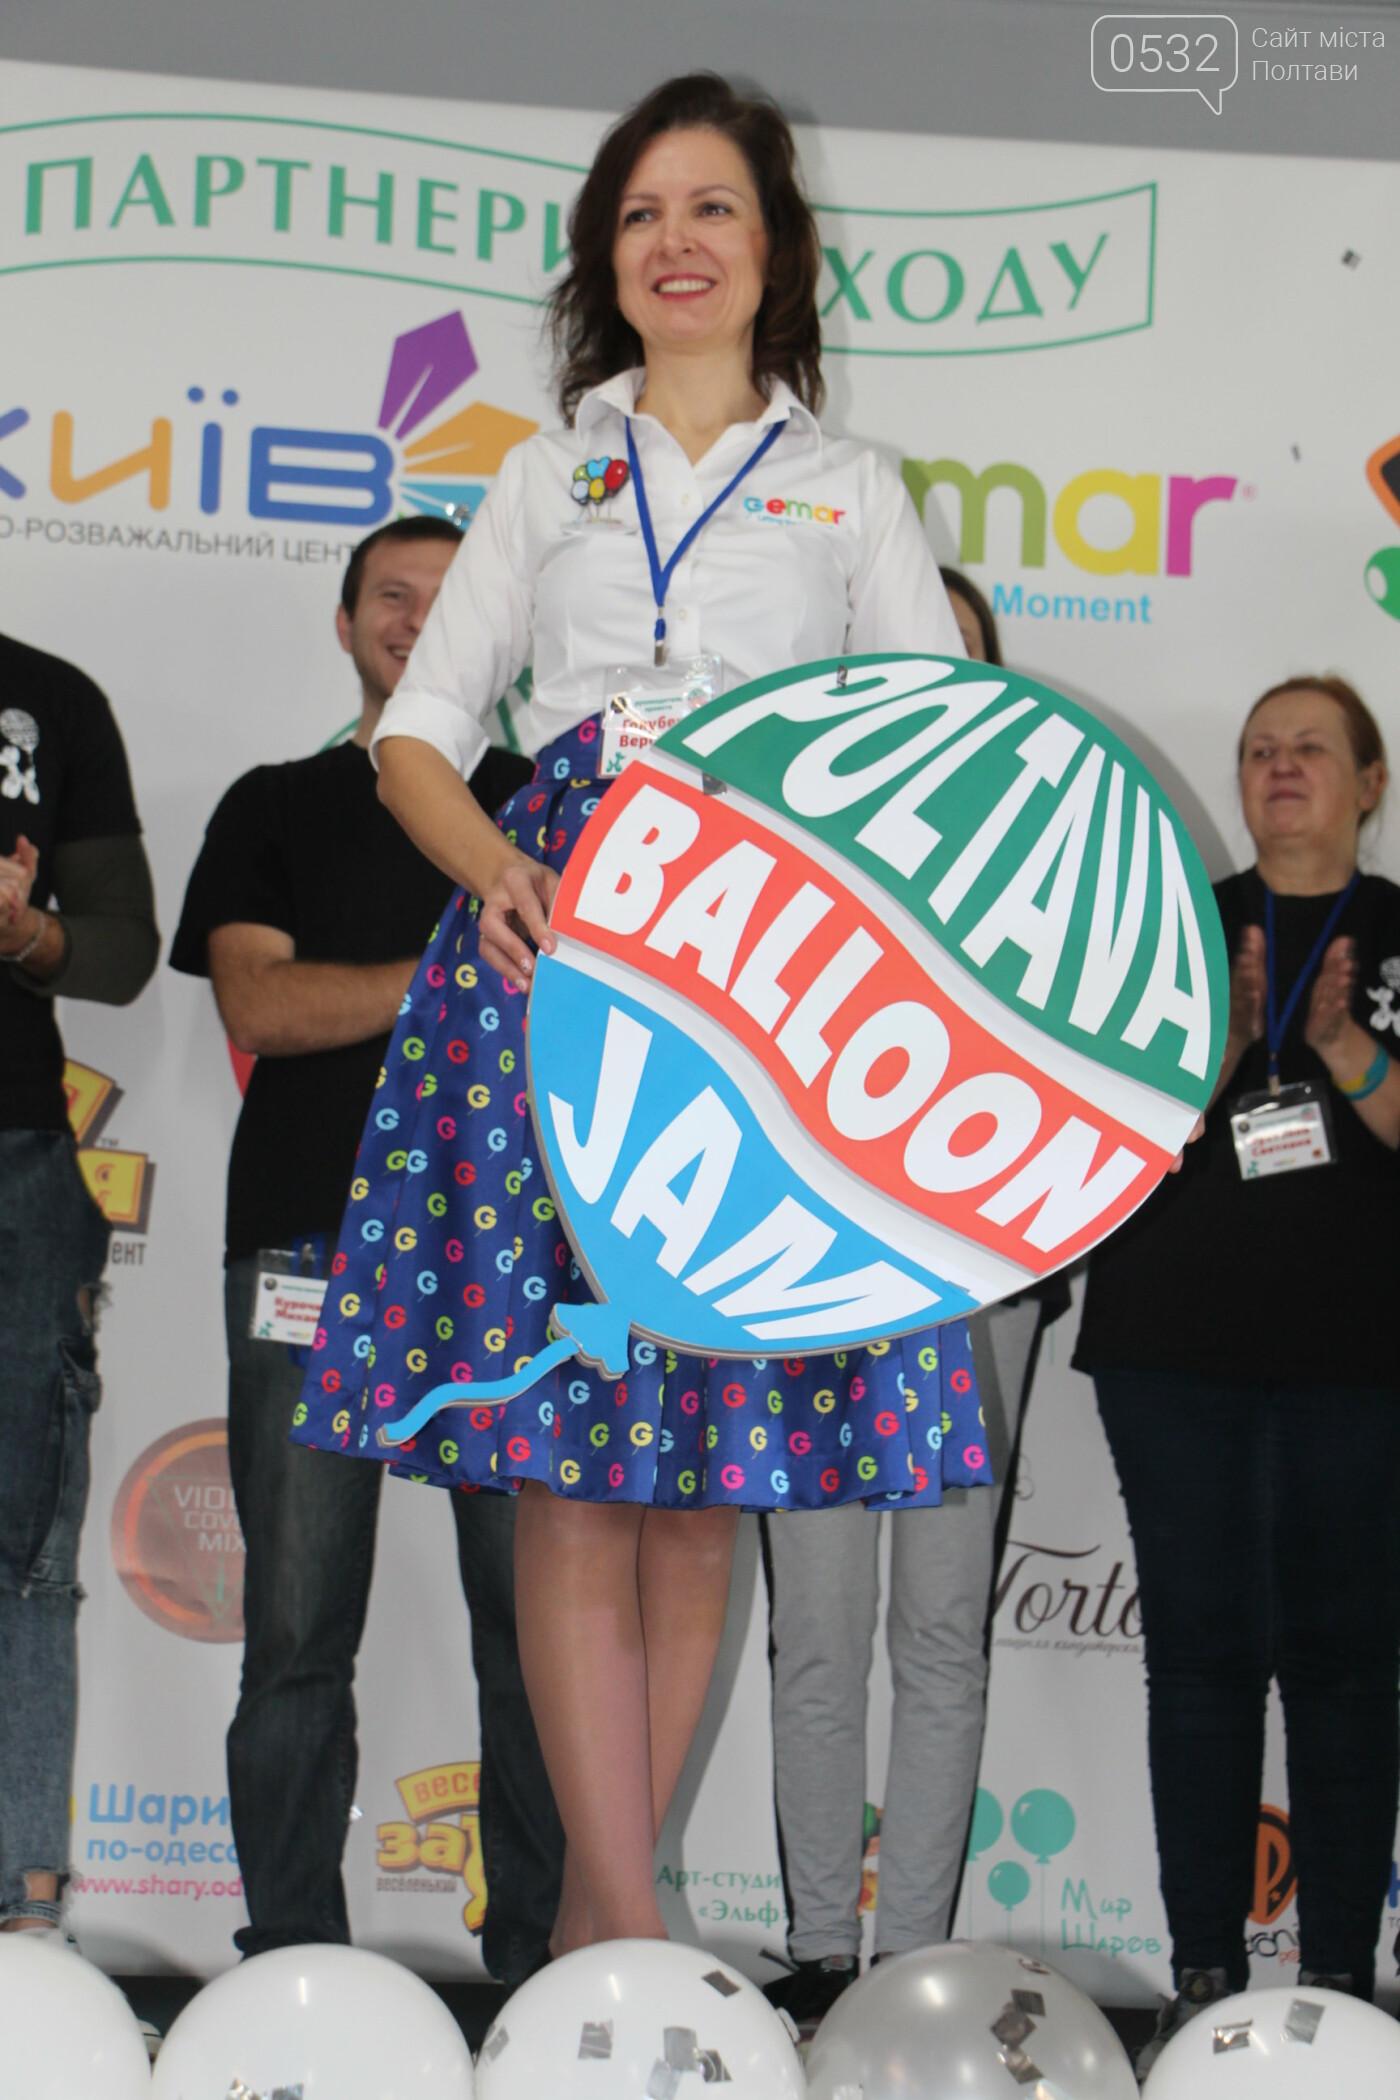 У Полтаві для дітей влаштували «Зимову казку» з повітряних кульок (ФОТО), фото-2